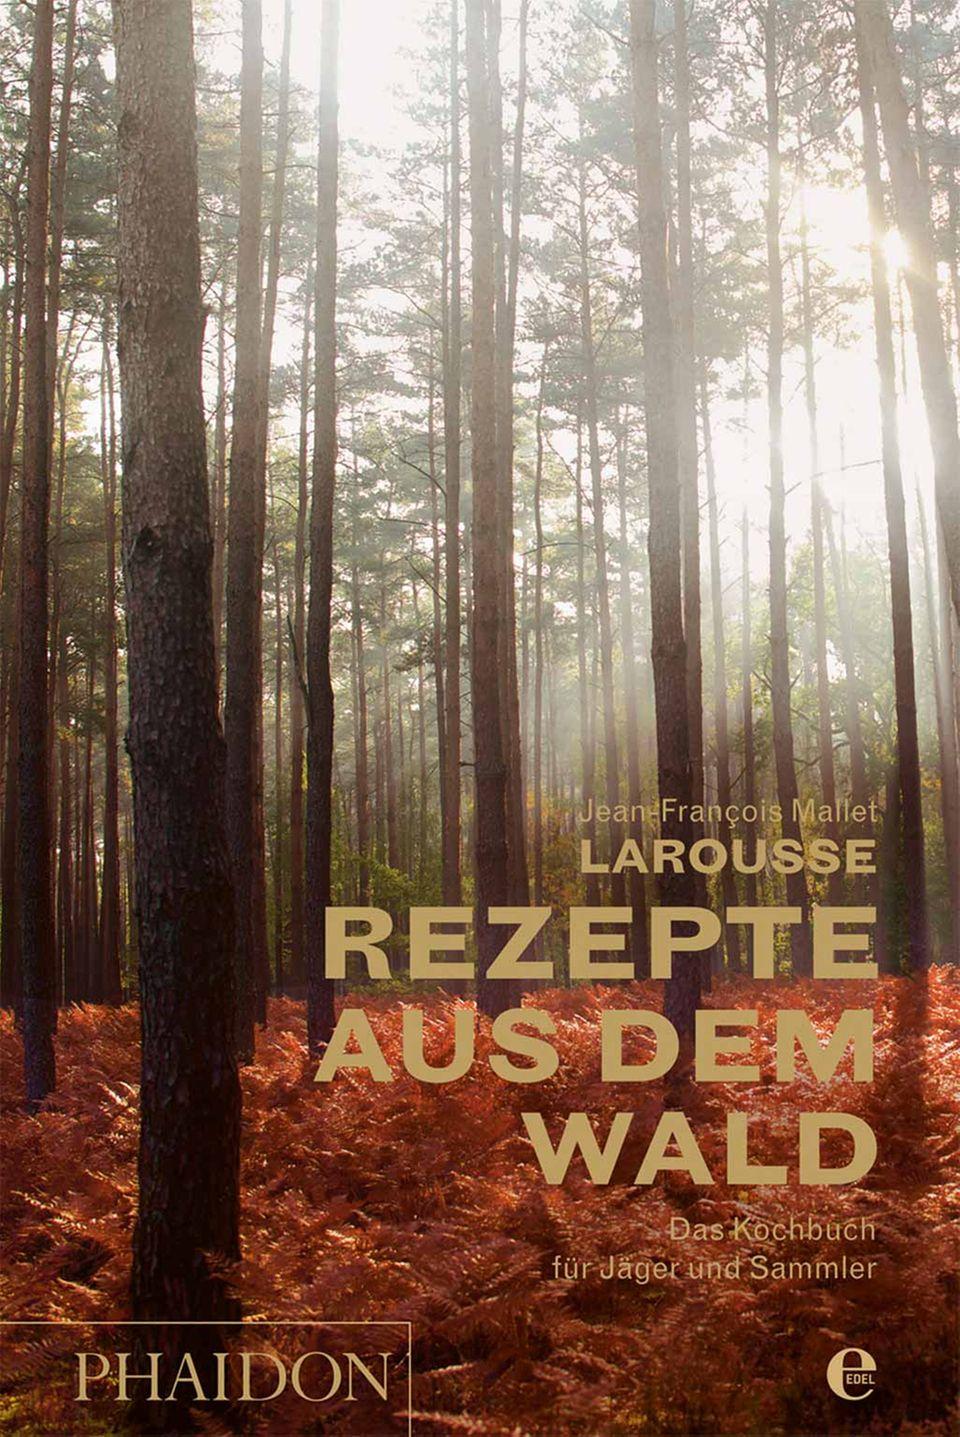 """Kochbuch """"Rezepte aus dem Wald"""" von Jean-François Mallet"""